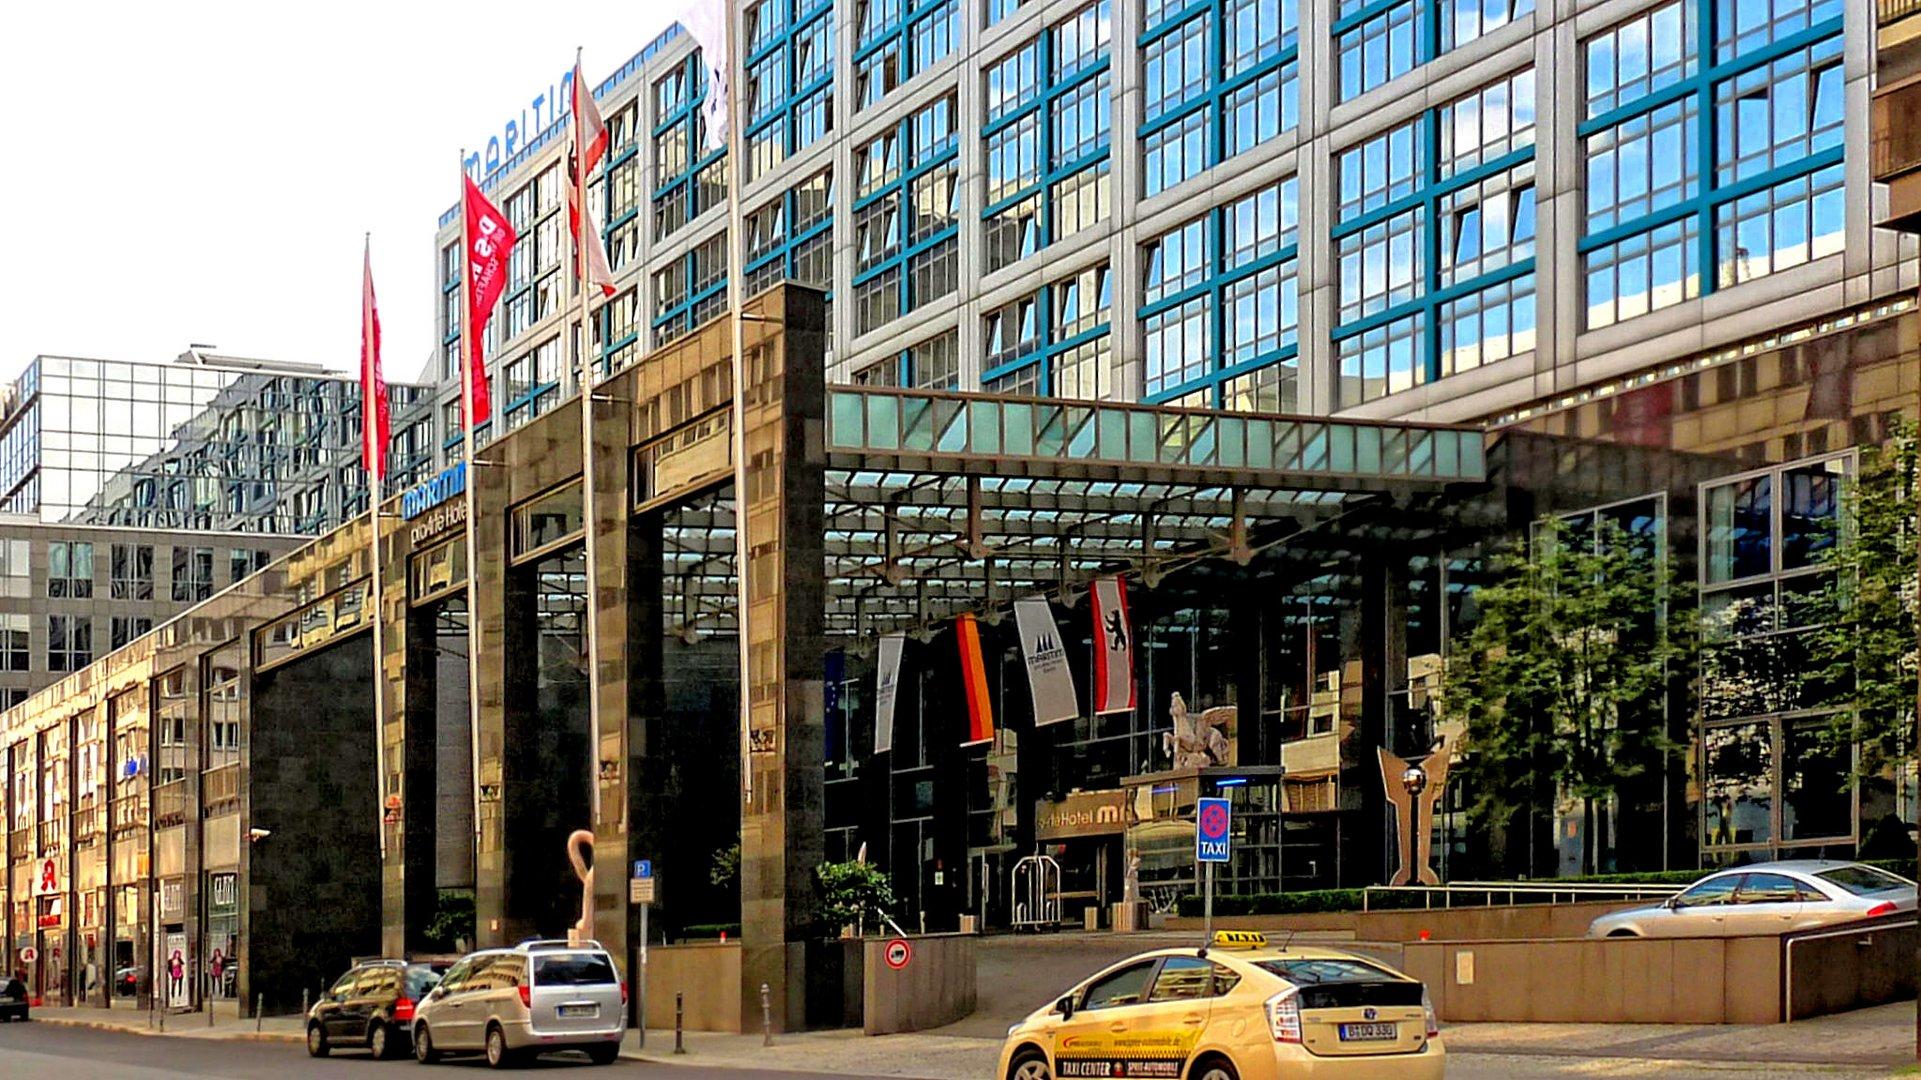 Das Maritim-Hotel in Berlin als ganz großer Spiegel